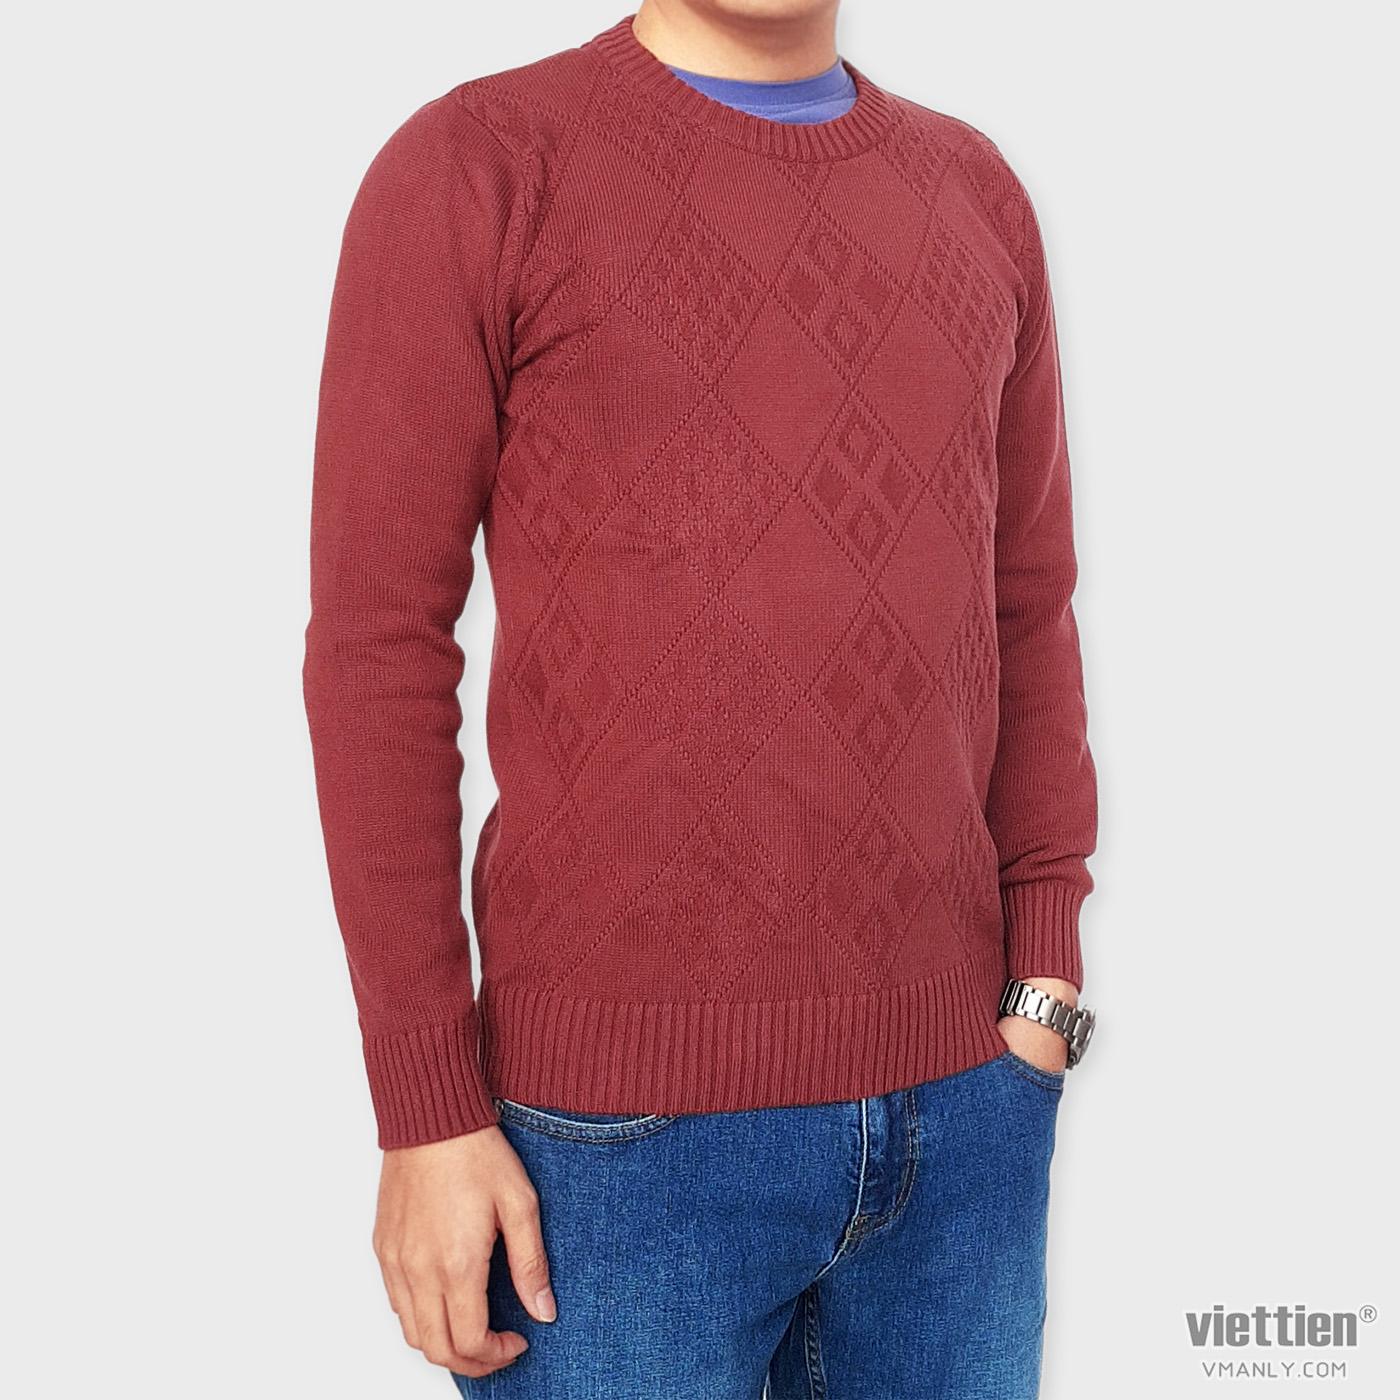 Áo len dài tay Việt Tiến cổ tròn màu đỏ hoa văn 6G9004CH5/LTR